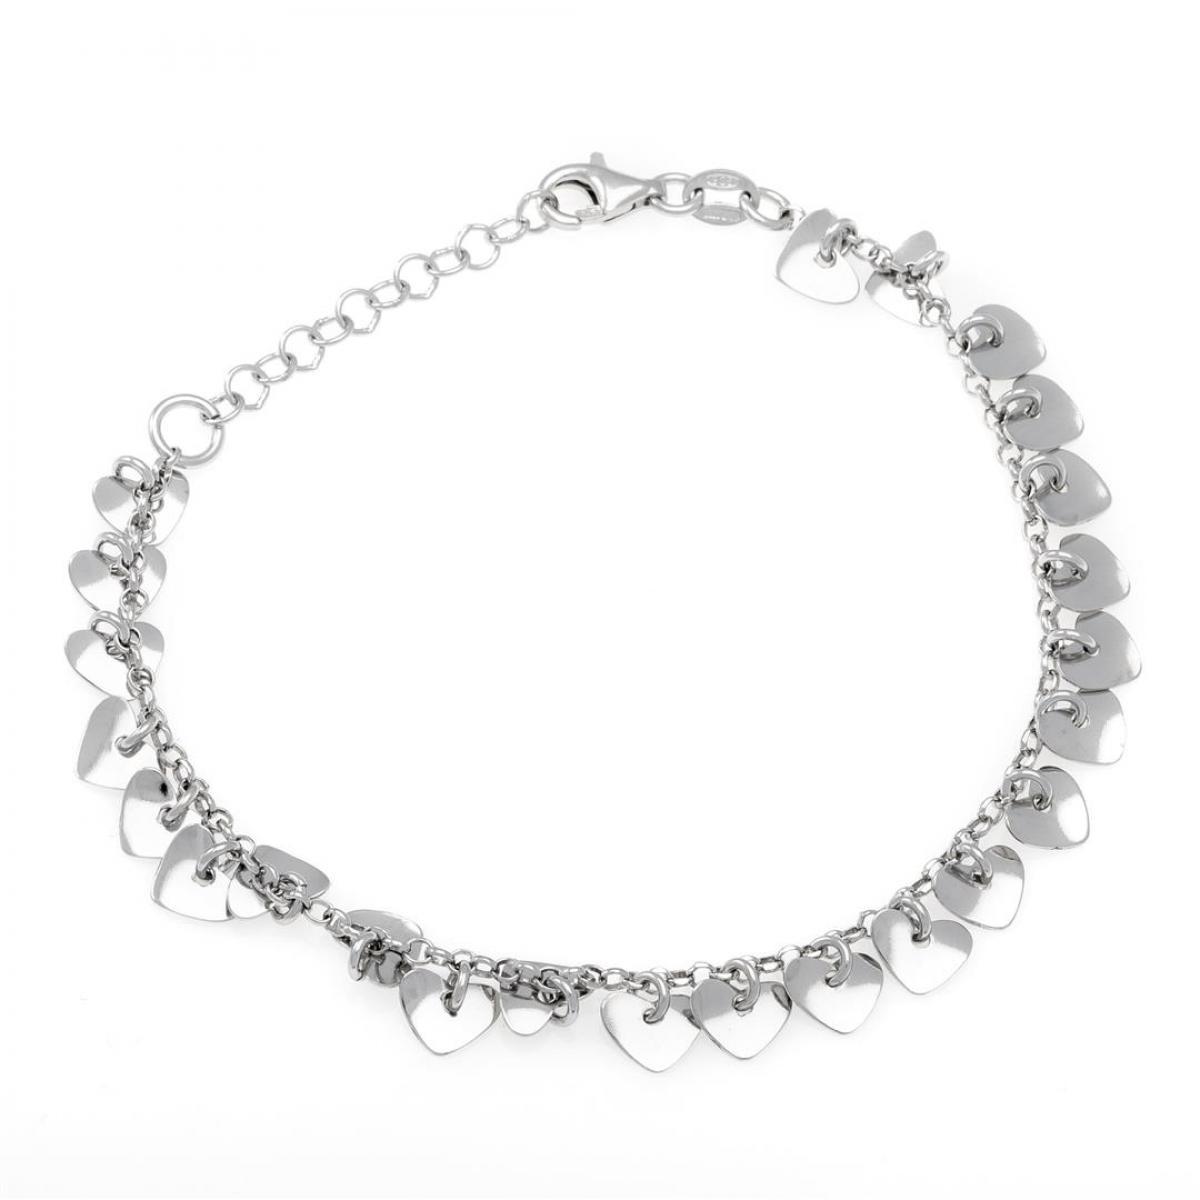 Срібний браслет в стилі Tiffany з сердечками (розмір 19)